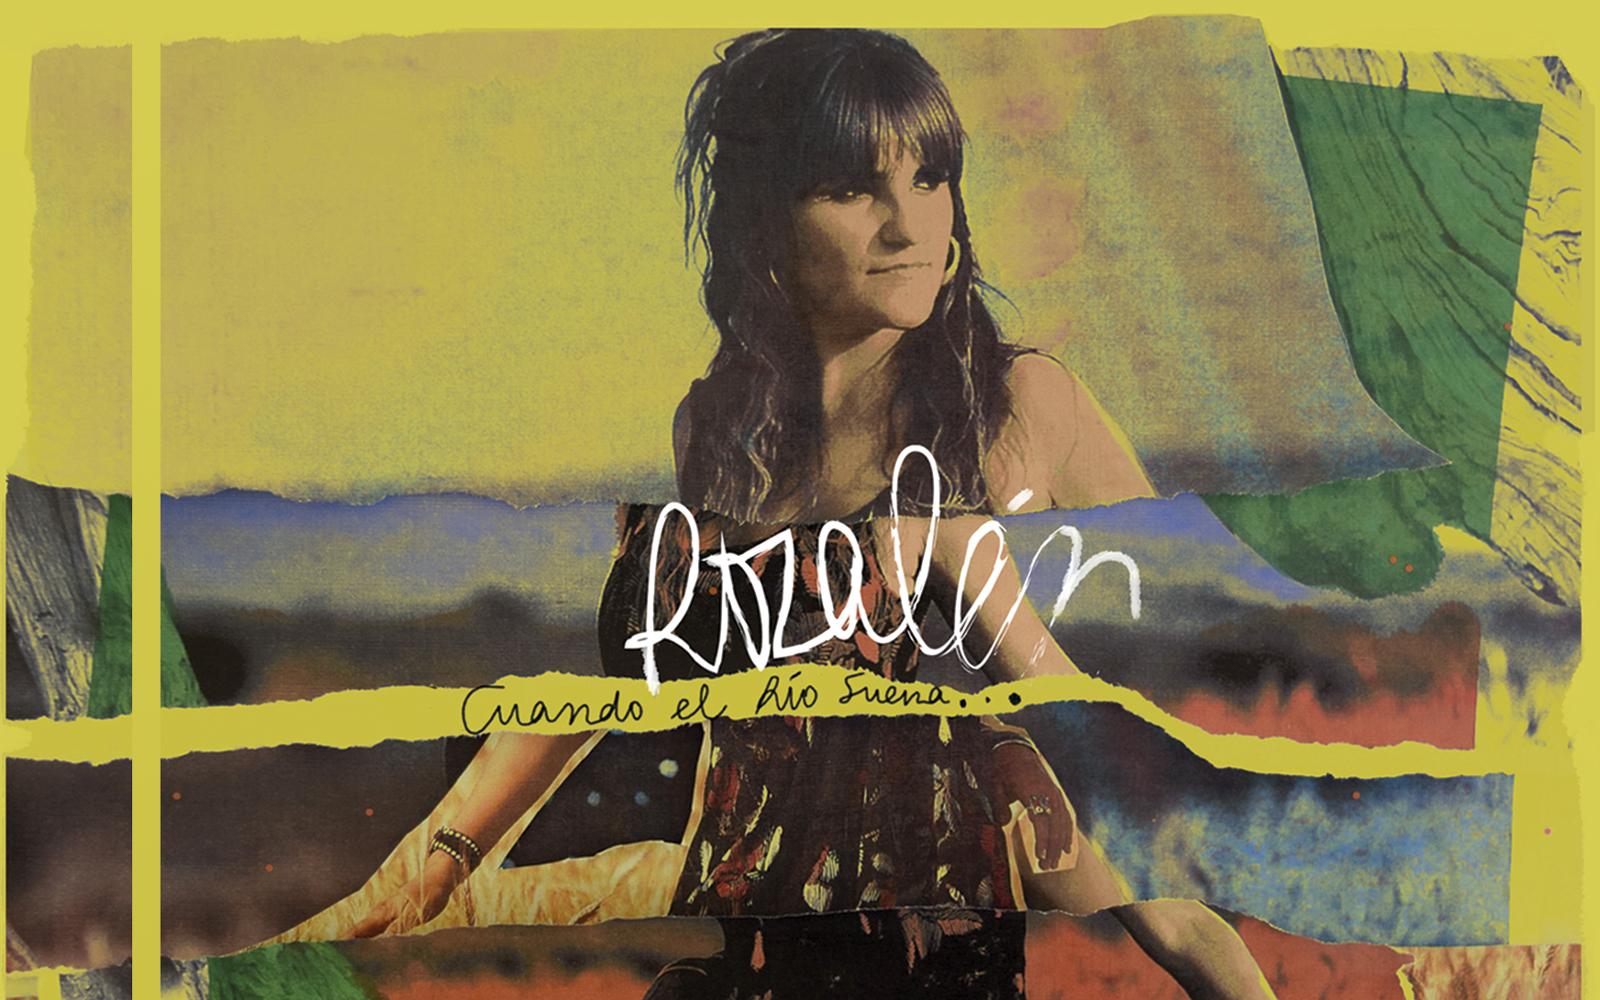 Rozalén se sitúa en el número dos de la Lista de Ventas española con su disco 'Cuando El Río Suena…' tras 45 semanas desde su lanzamiento